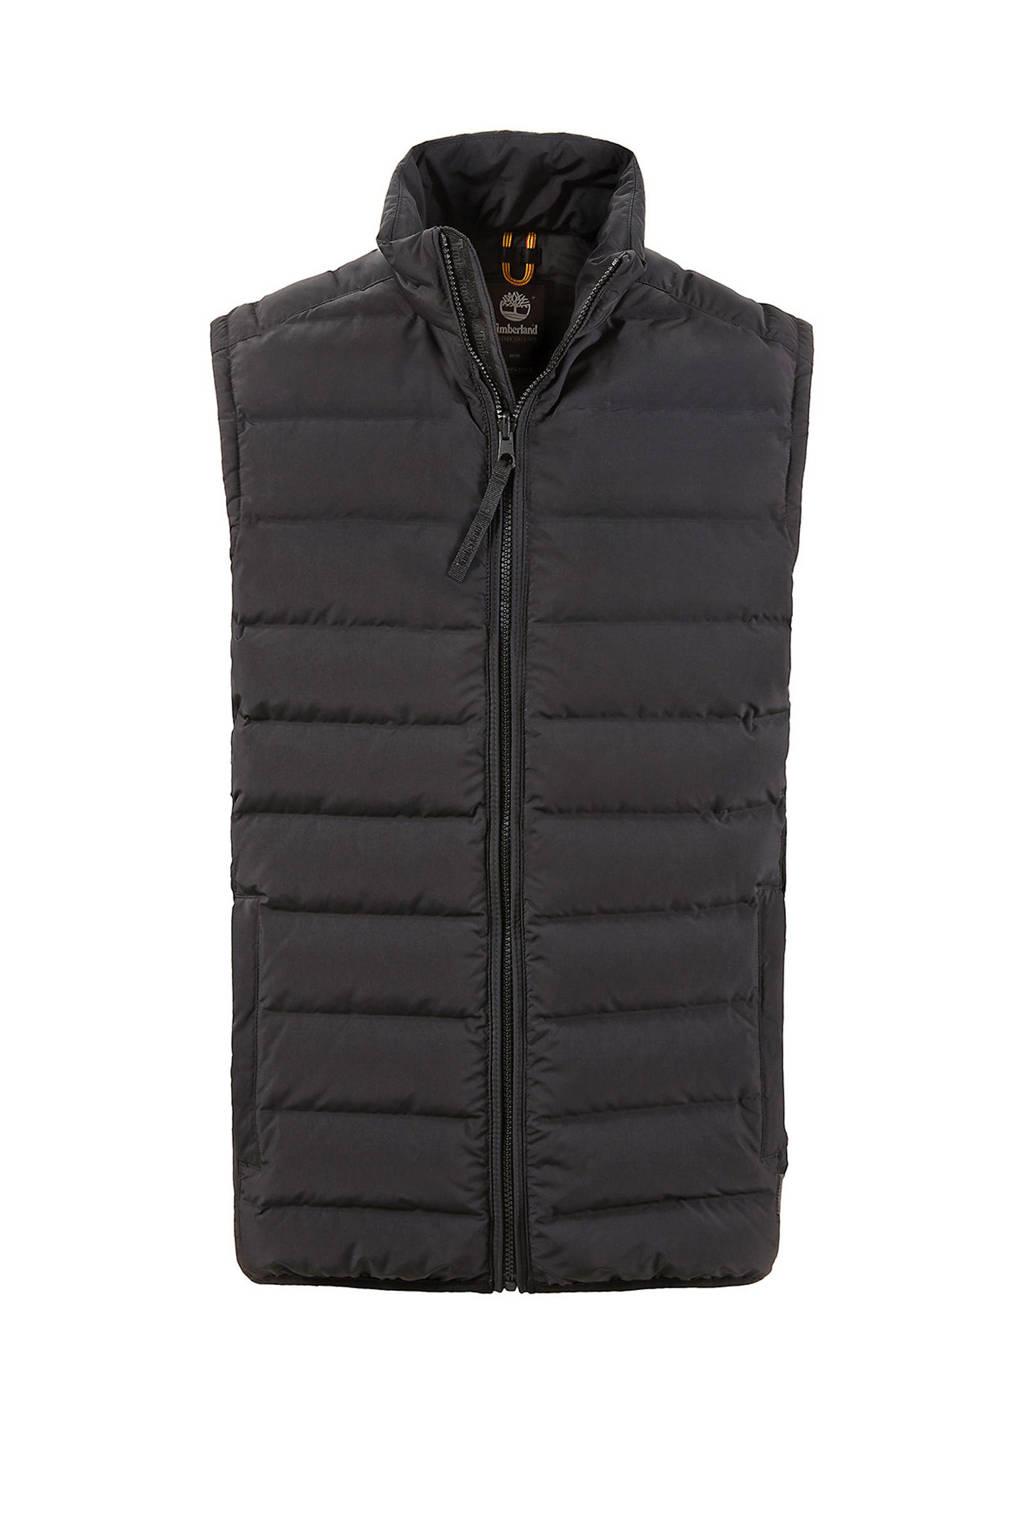 Timberland bodywarmer zwart, Zwart